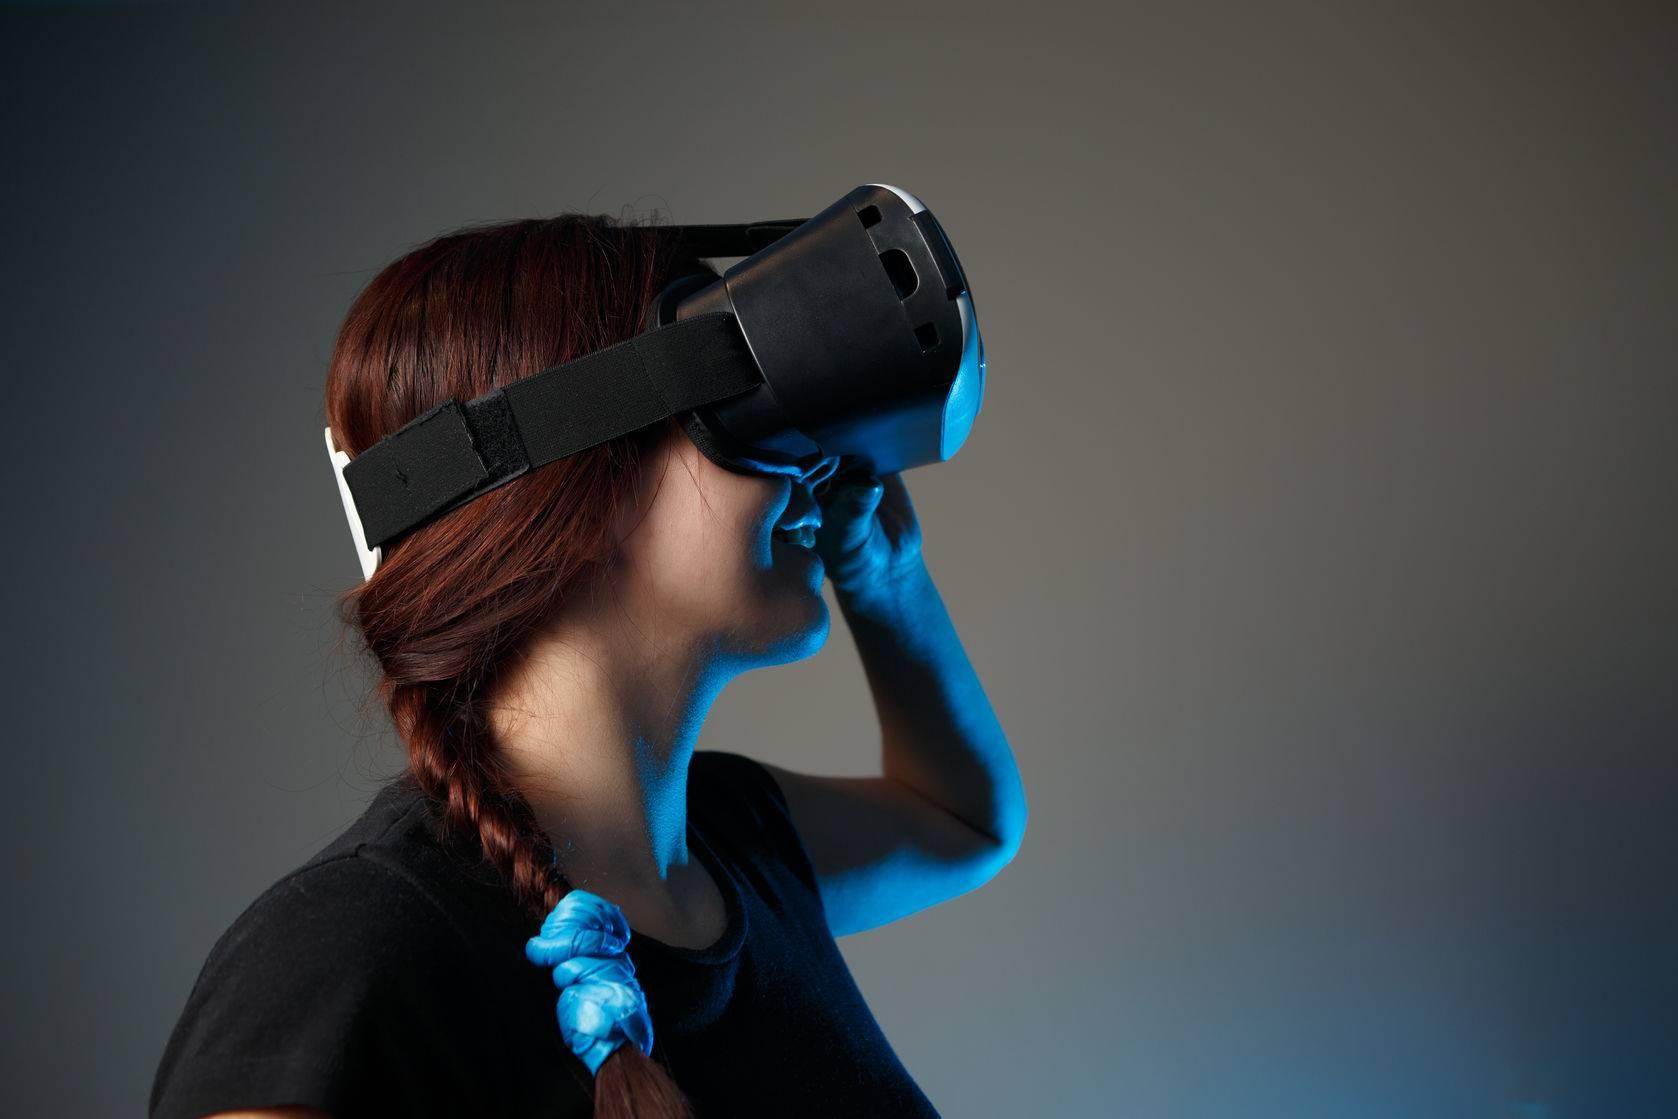 VR-headset-01.jpg